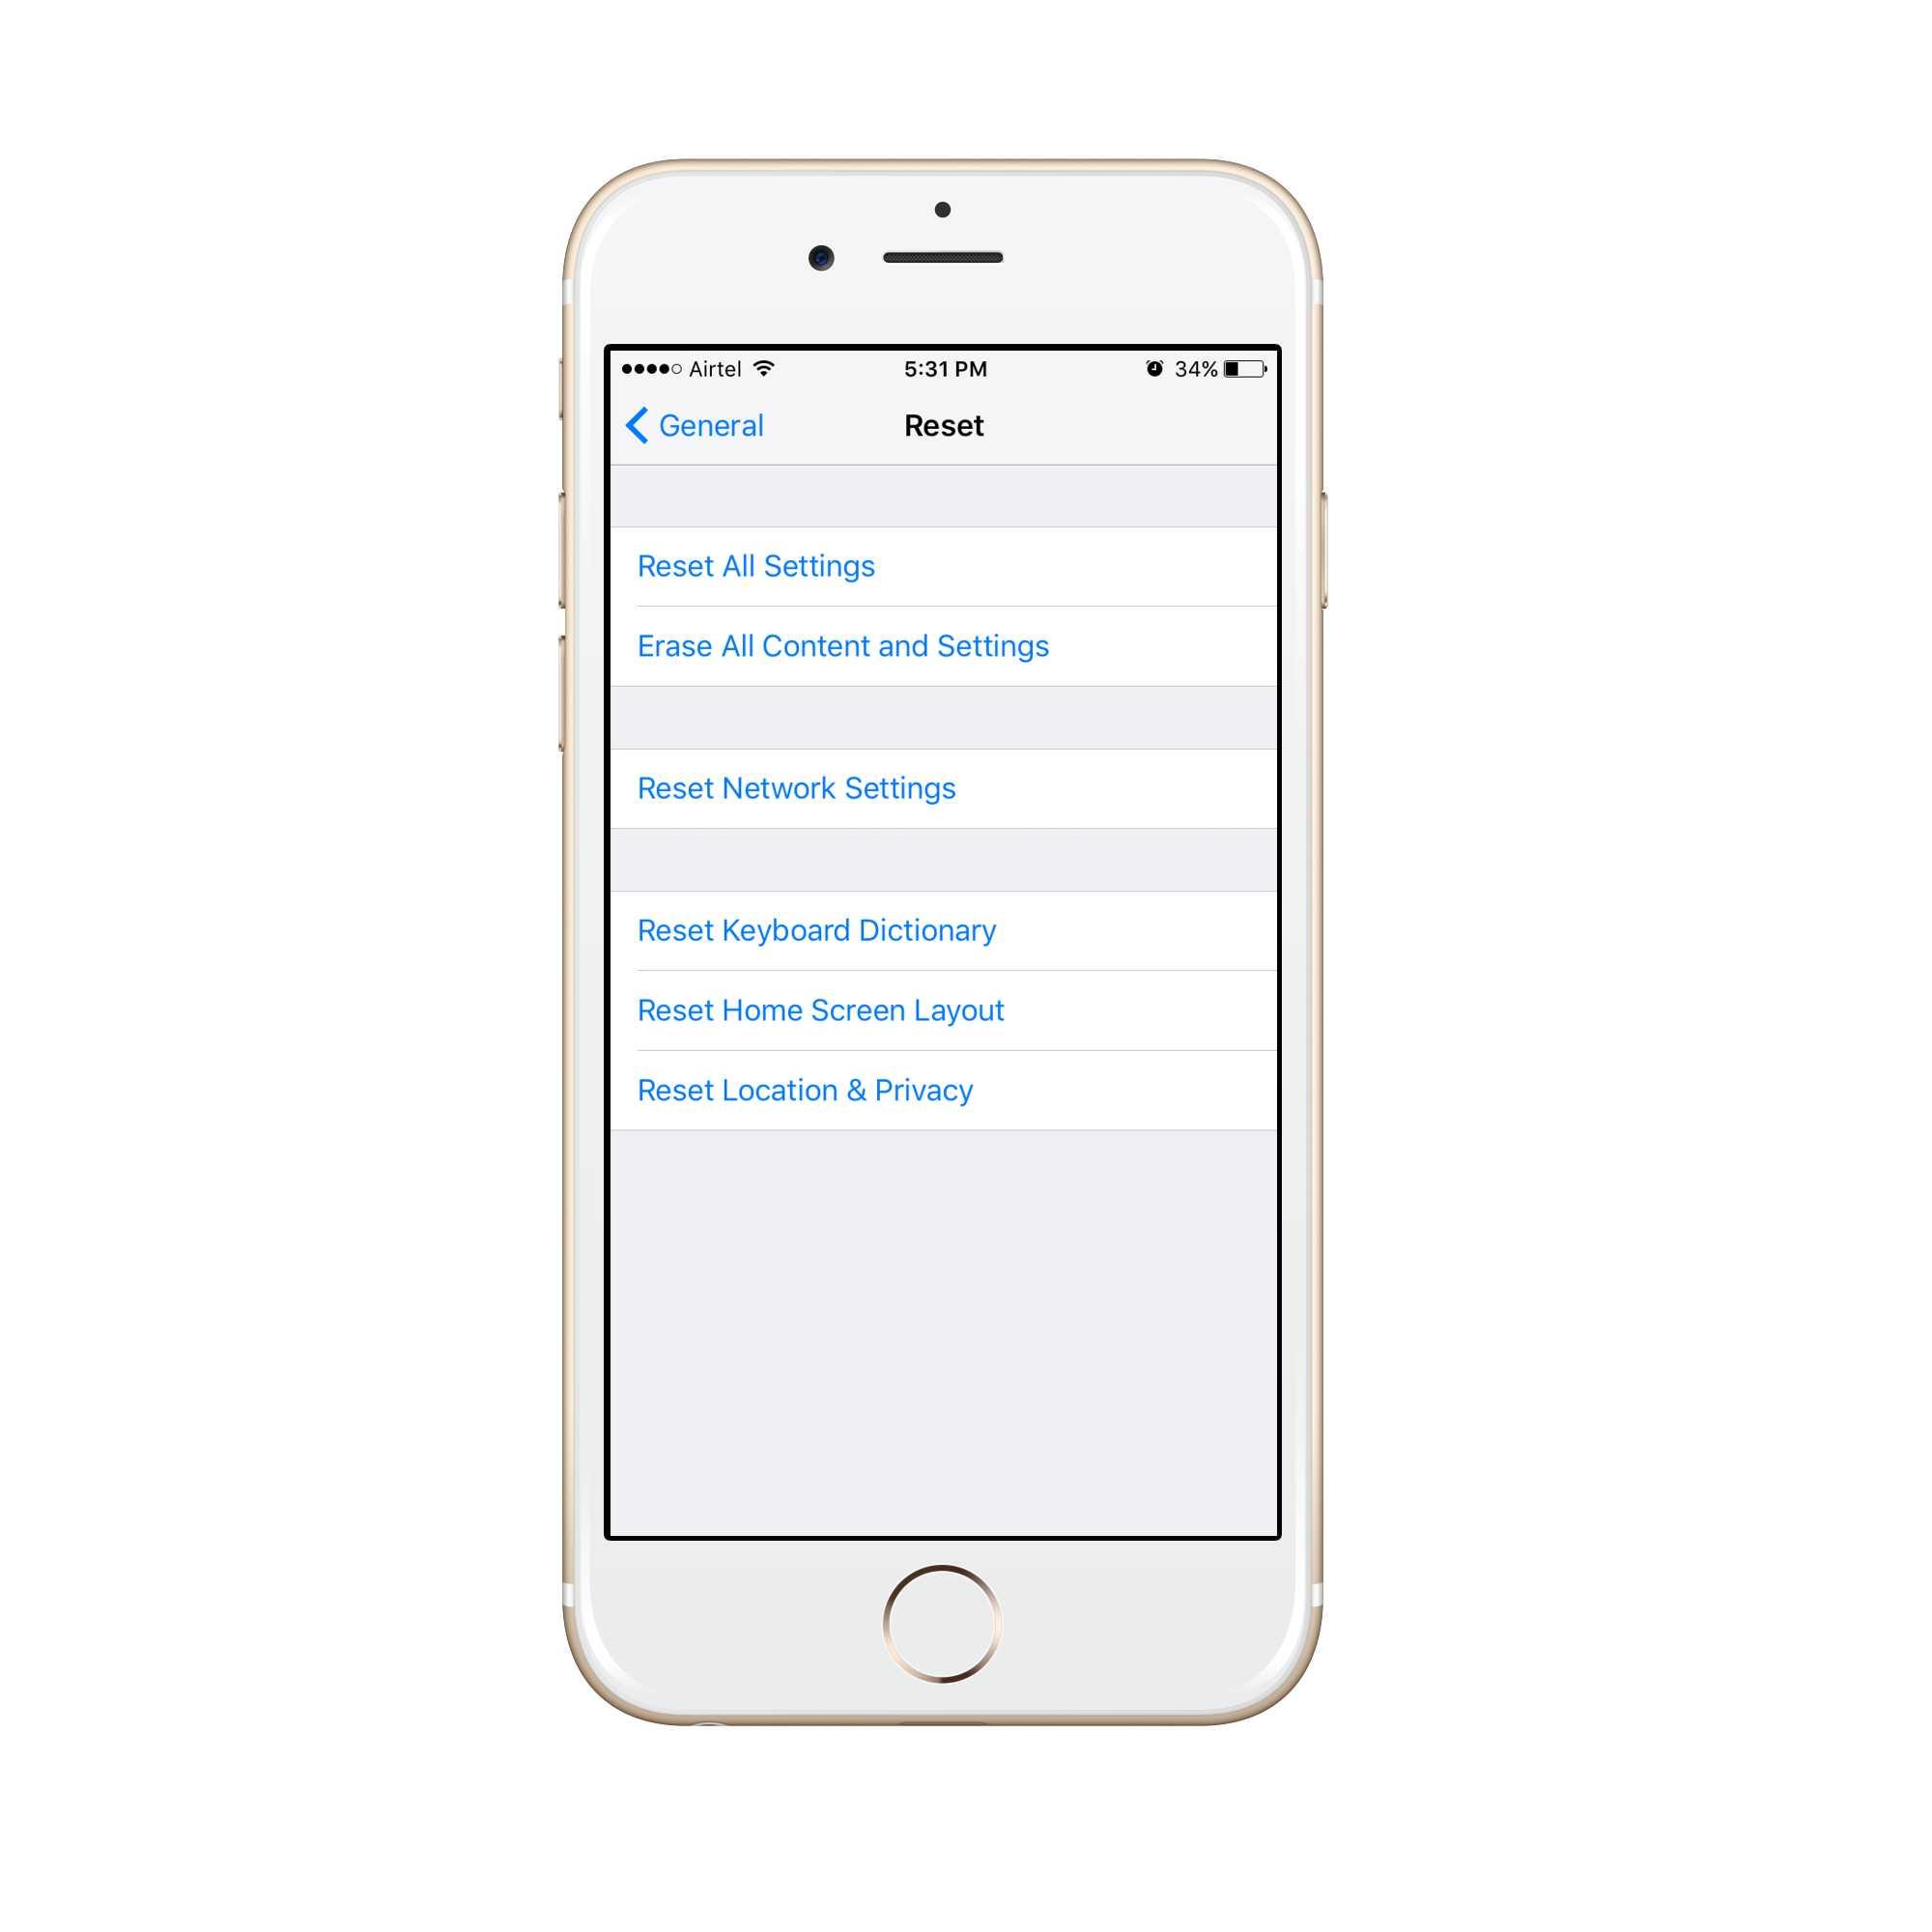 iphone reset settings